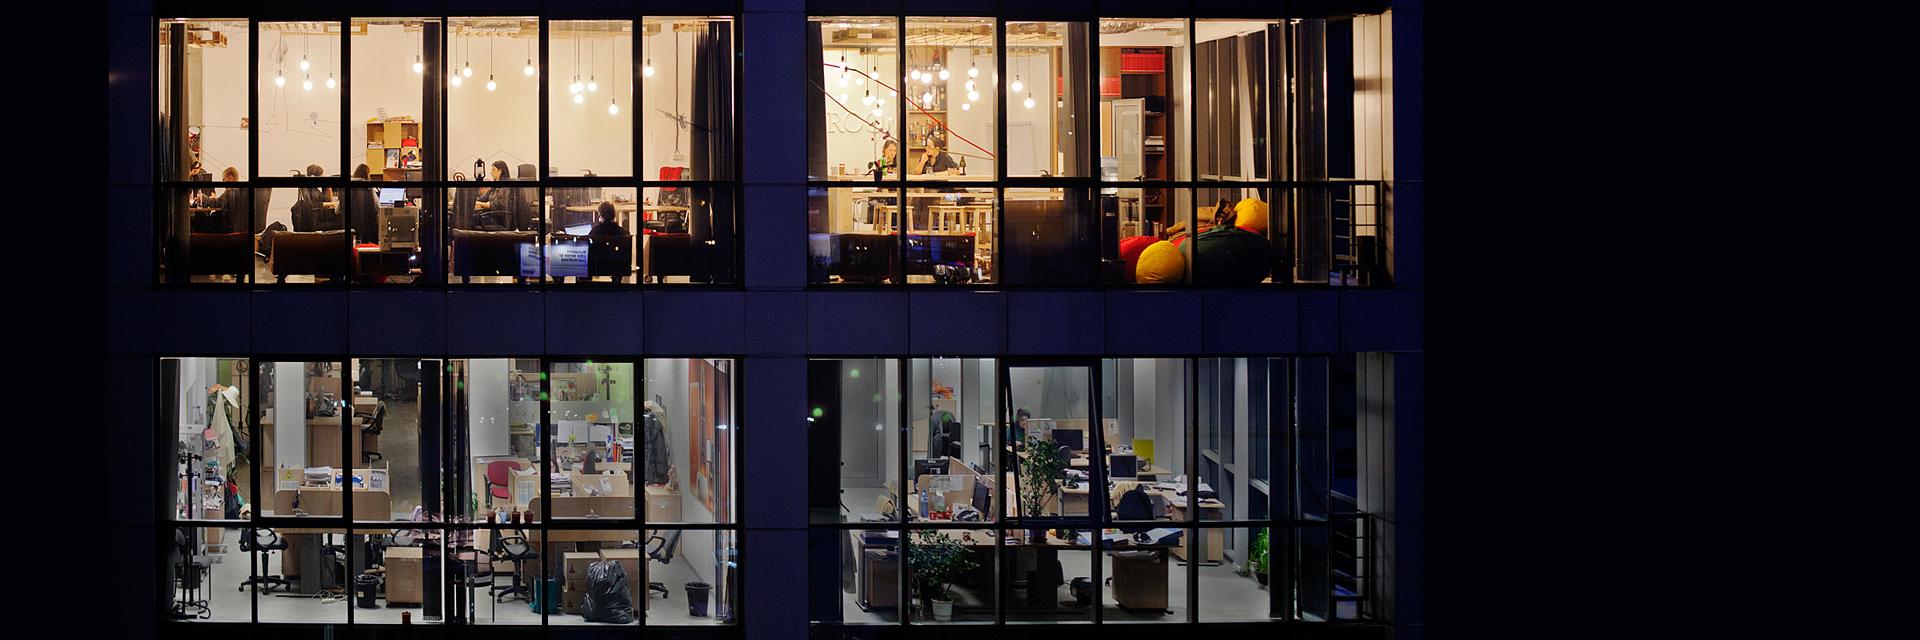 saatch&saatchi, office design, creative atmosphere